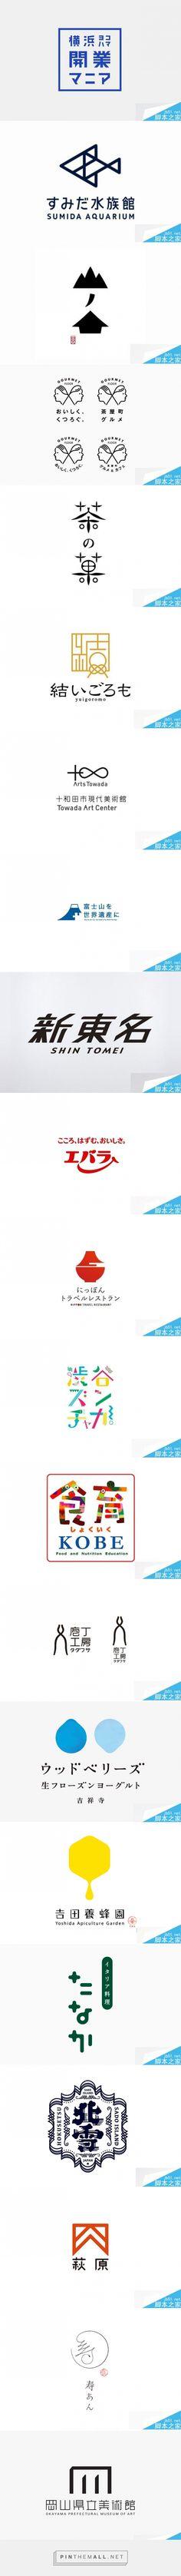 值得参考:日本LOGO设计中的优秀作品分享